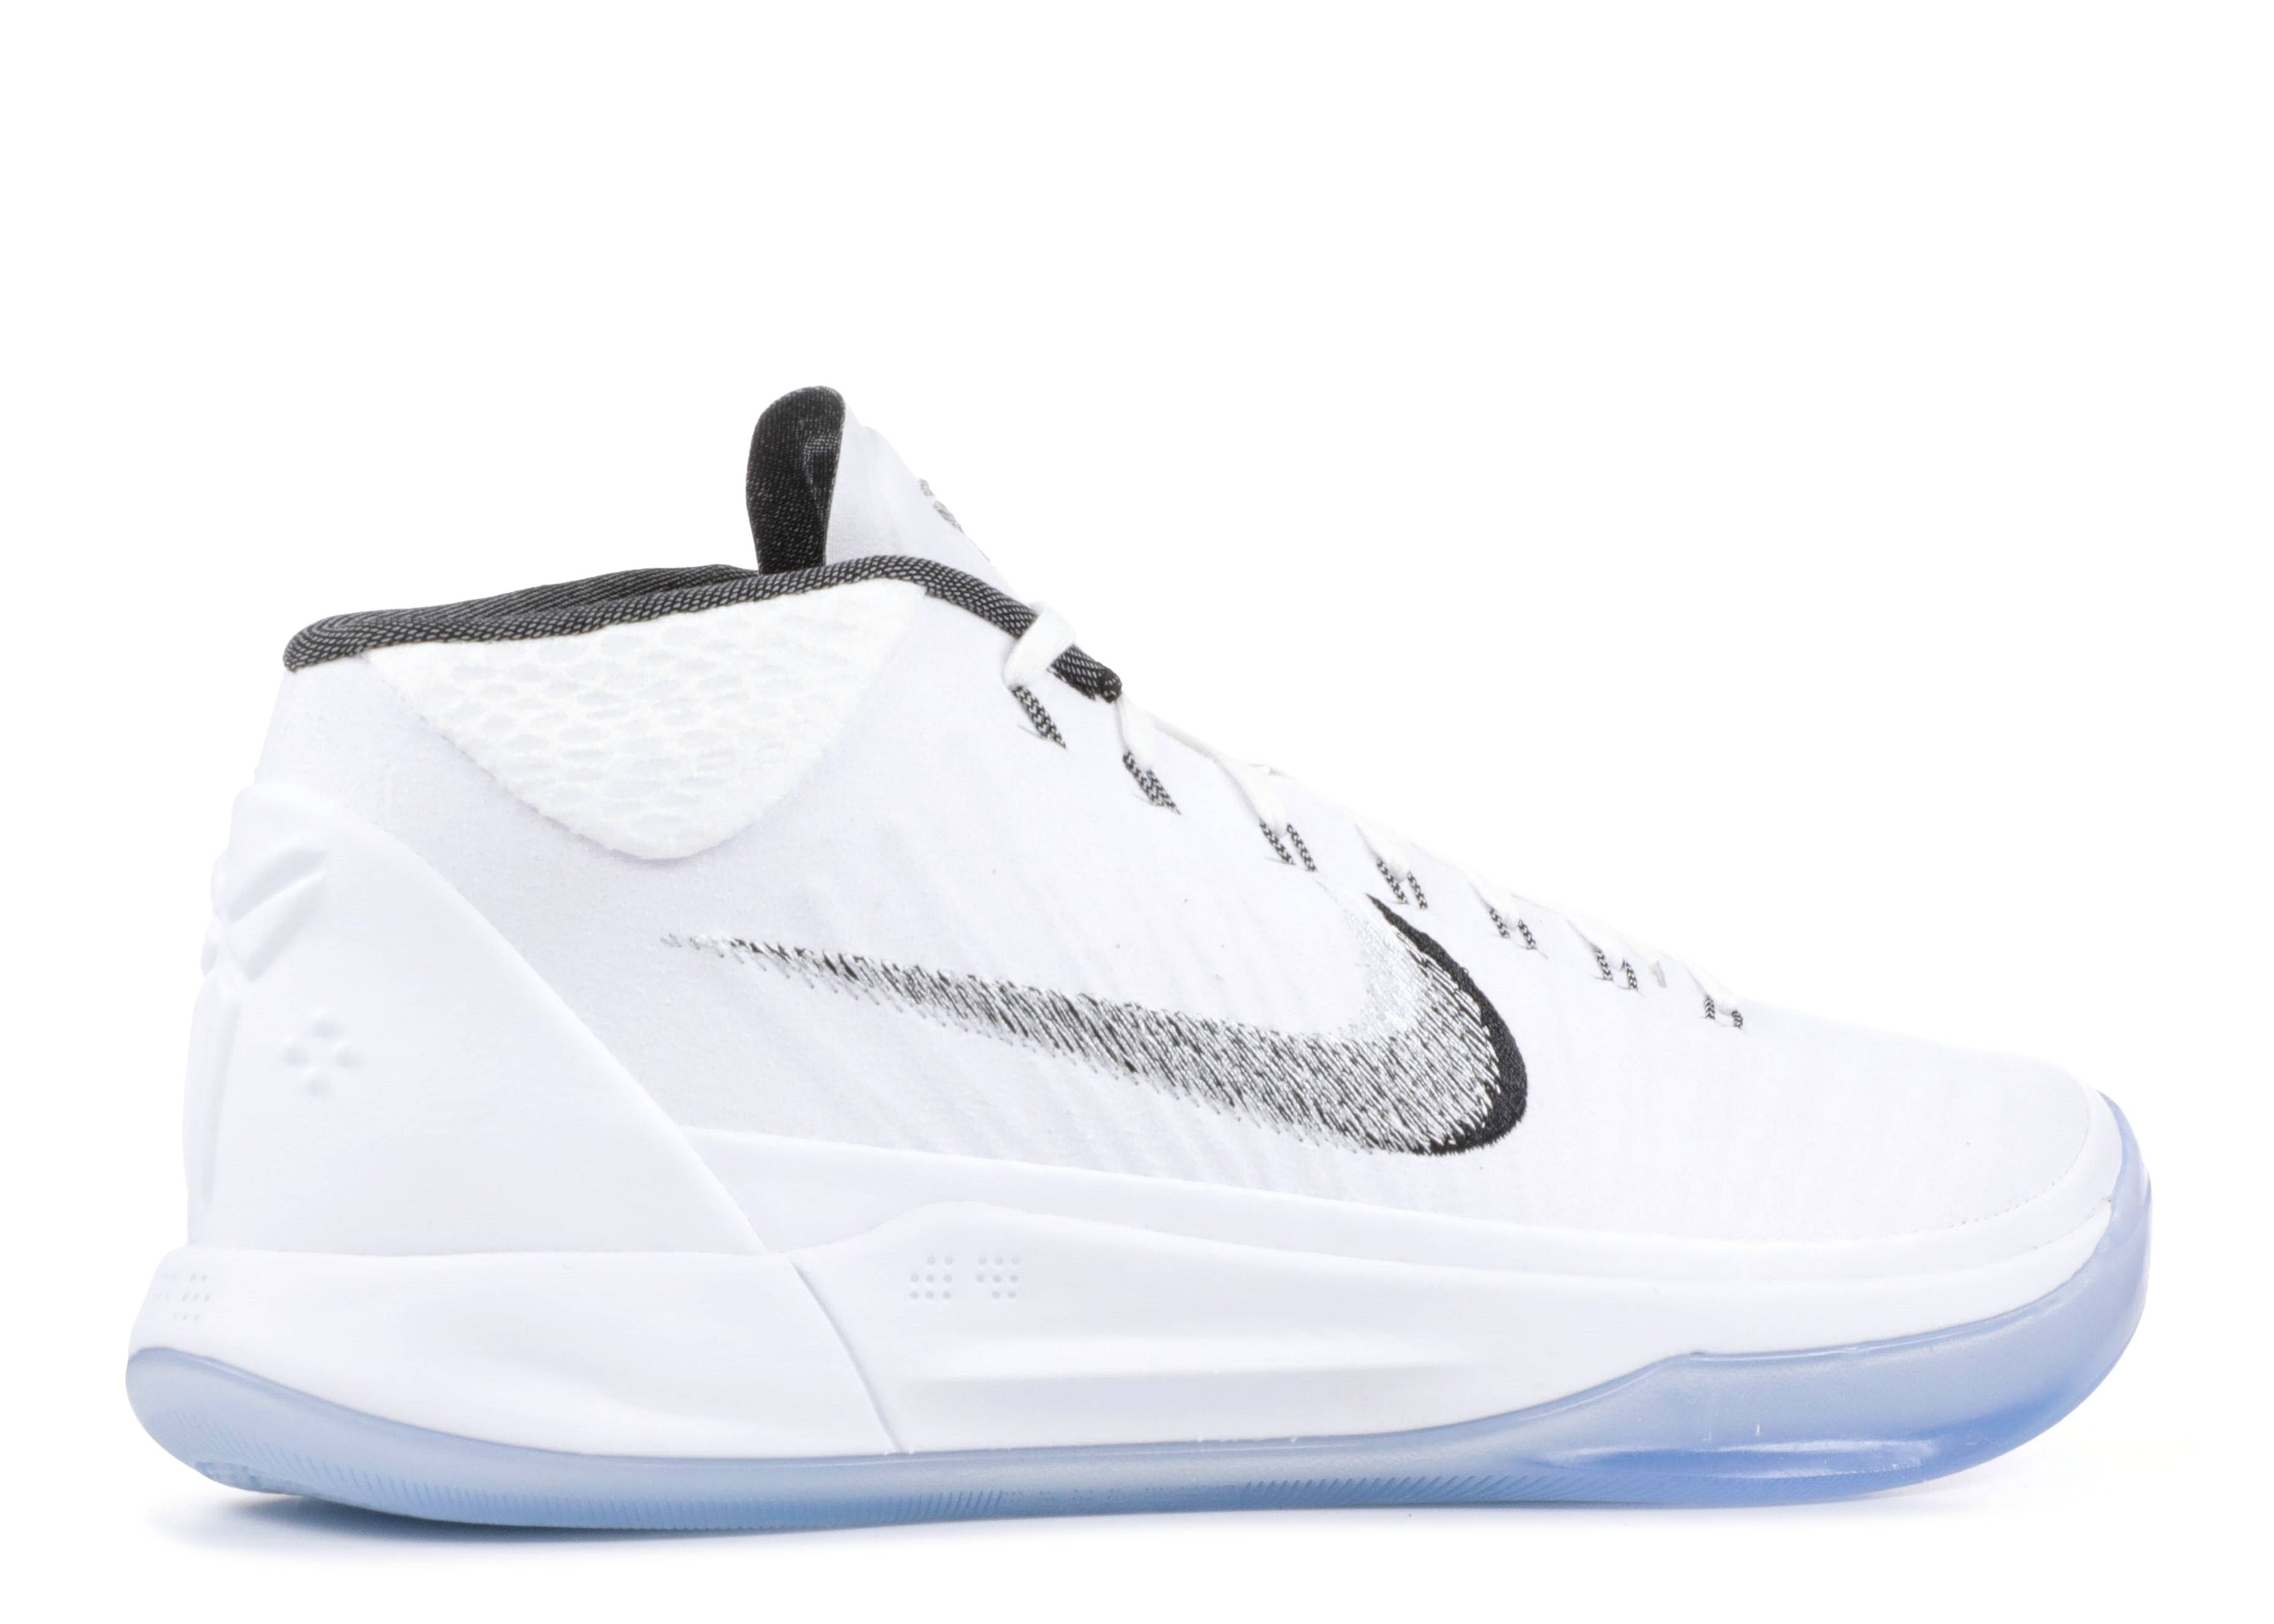 Kobe A D White Ice Nike 922482 102 White Ice Metallic Silver Flight Club